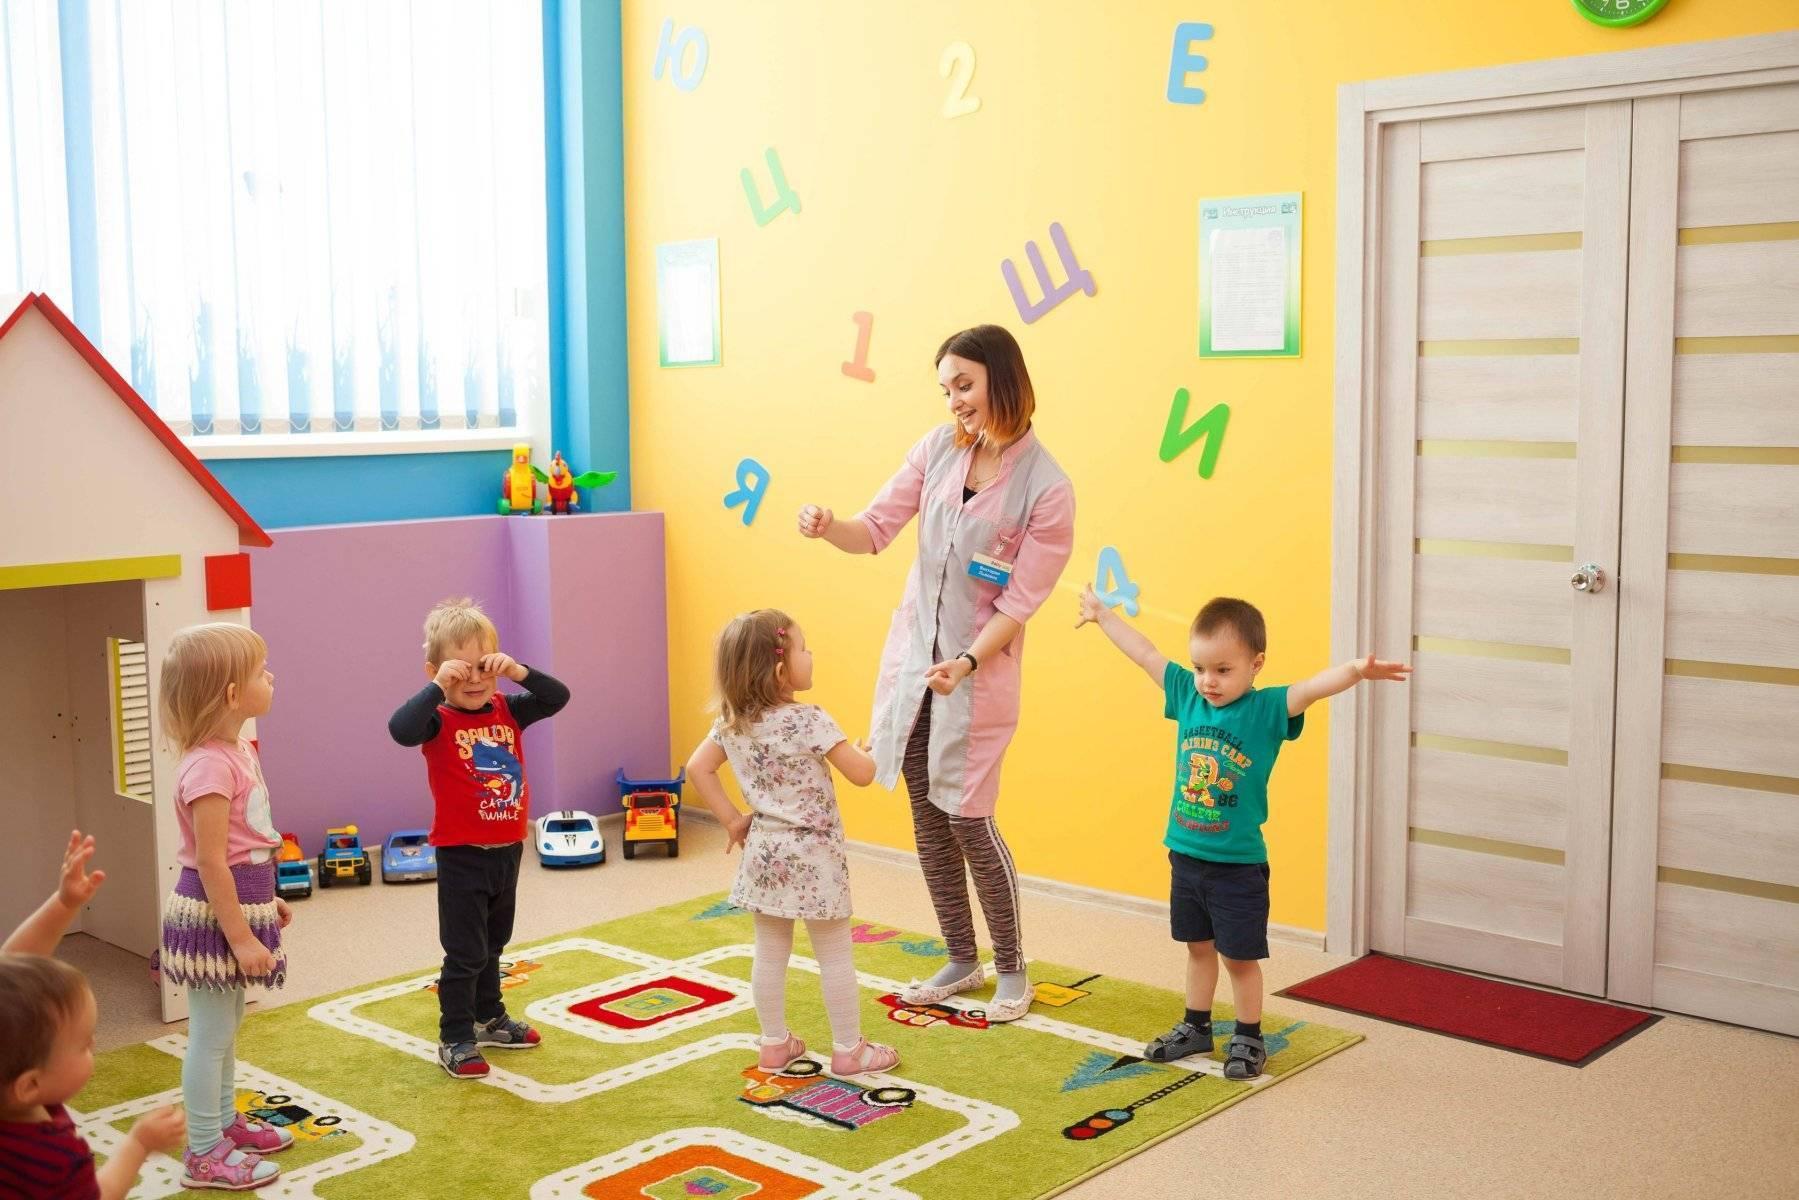 Частный детский сад: как выбрать